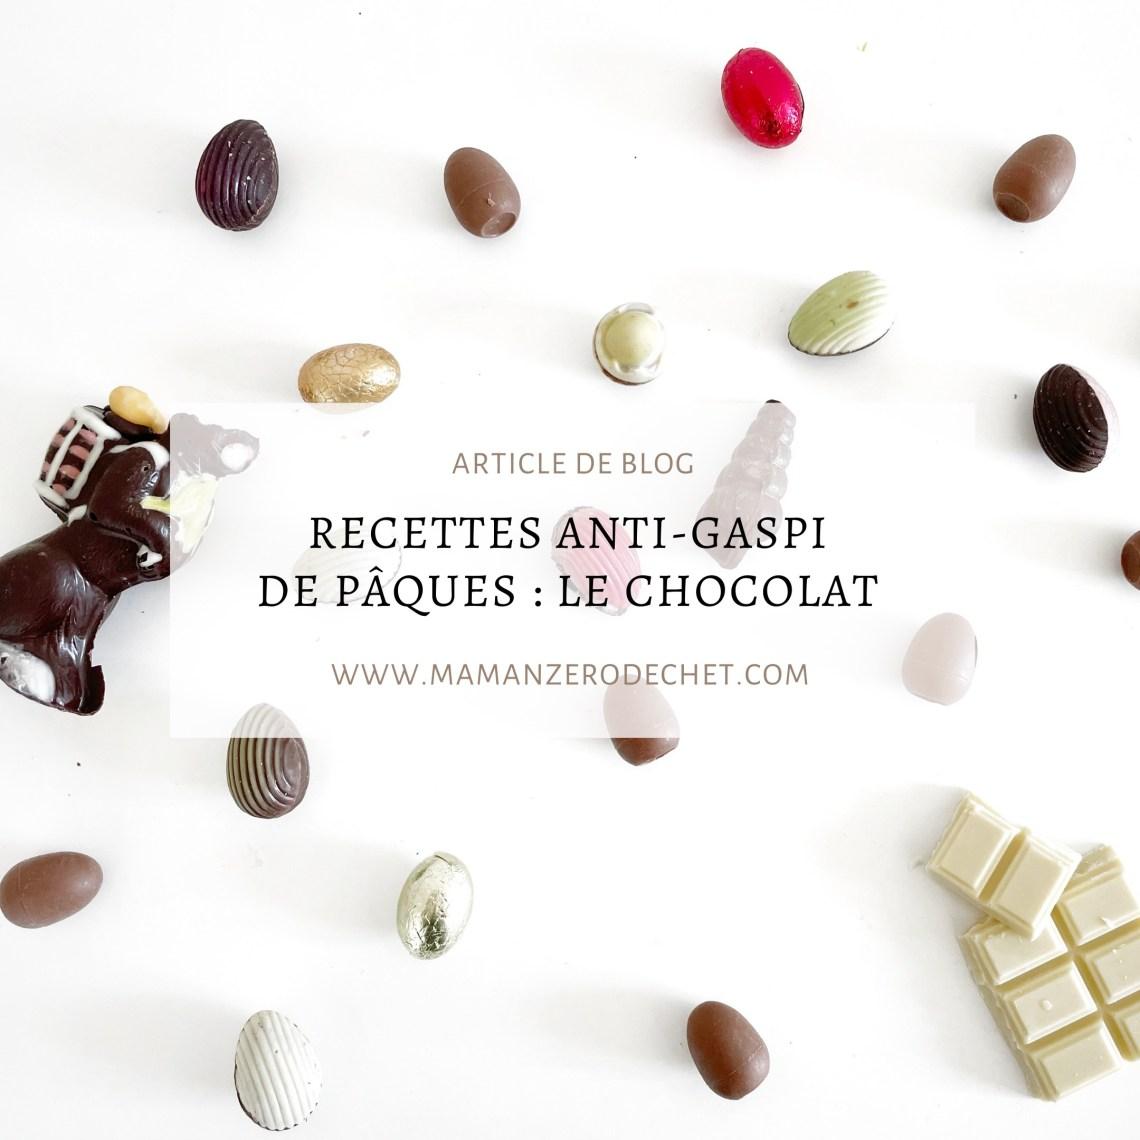 zero dechet recettes anti-gaspi de pâques chocolat